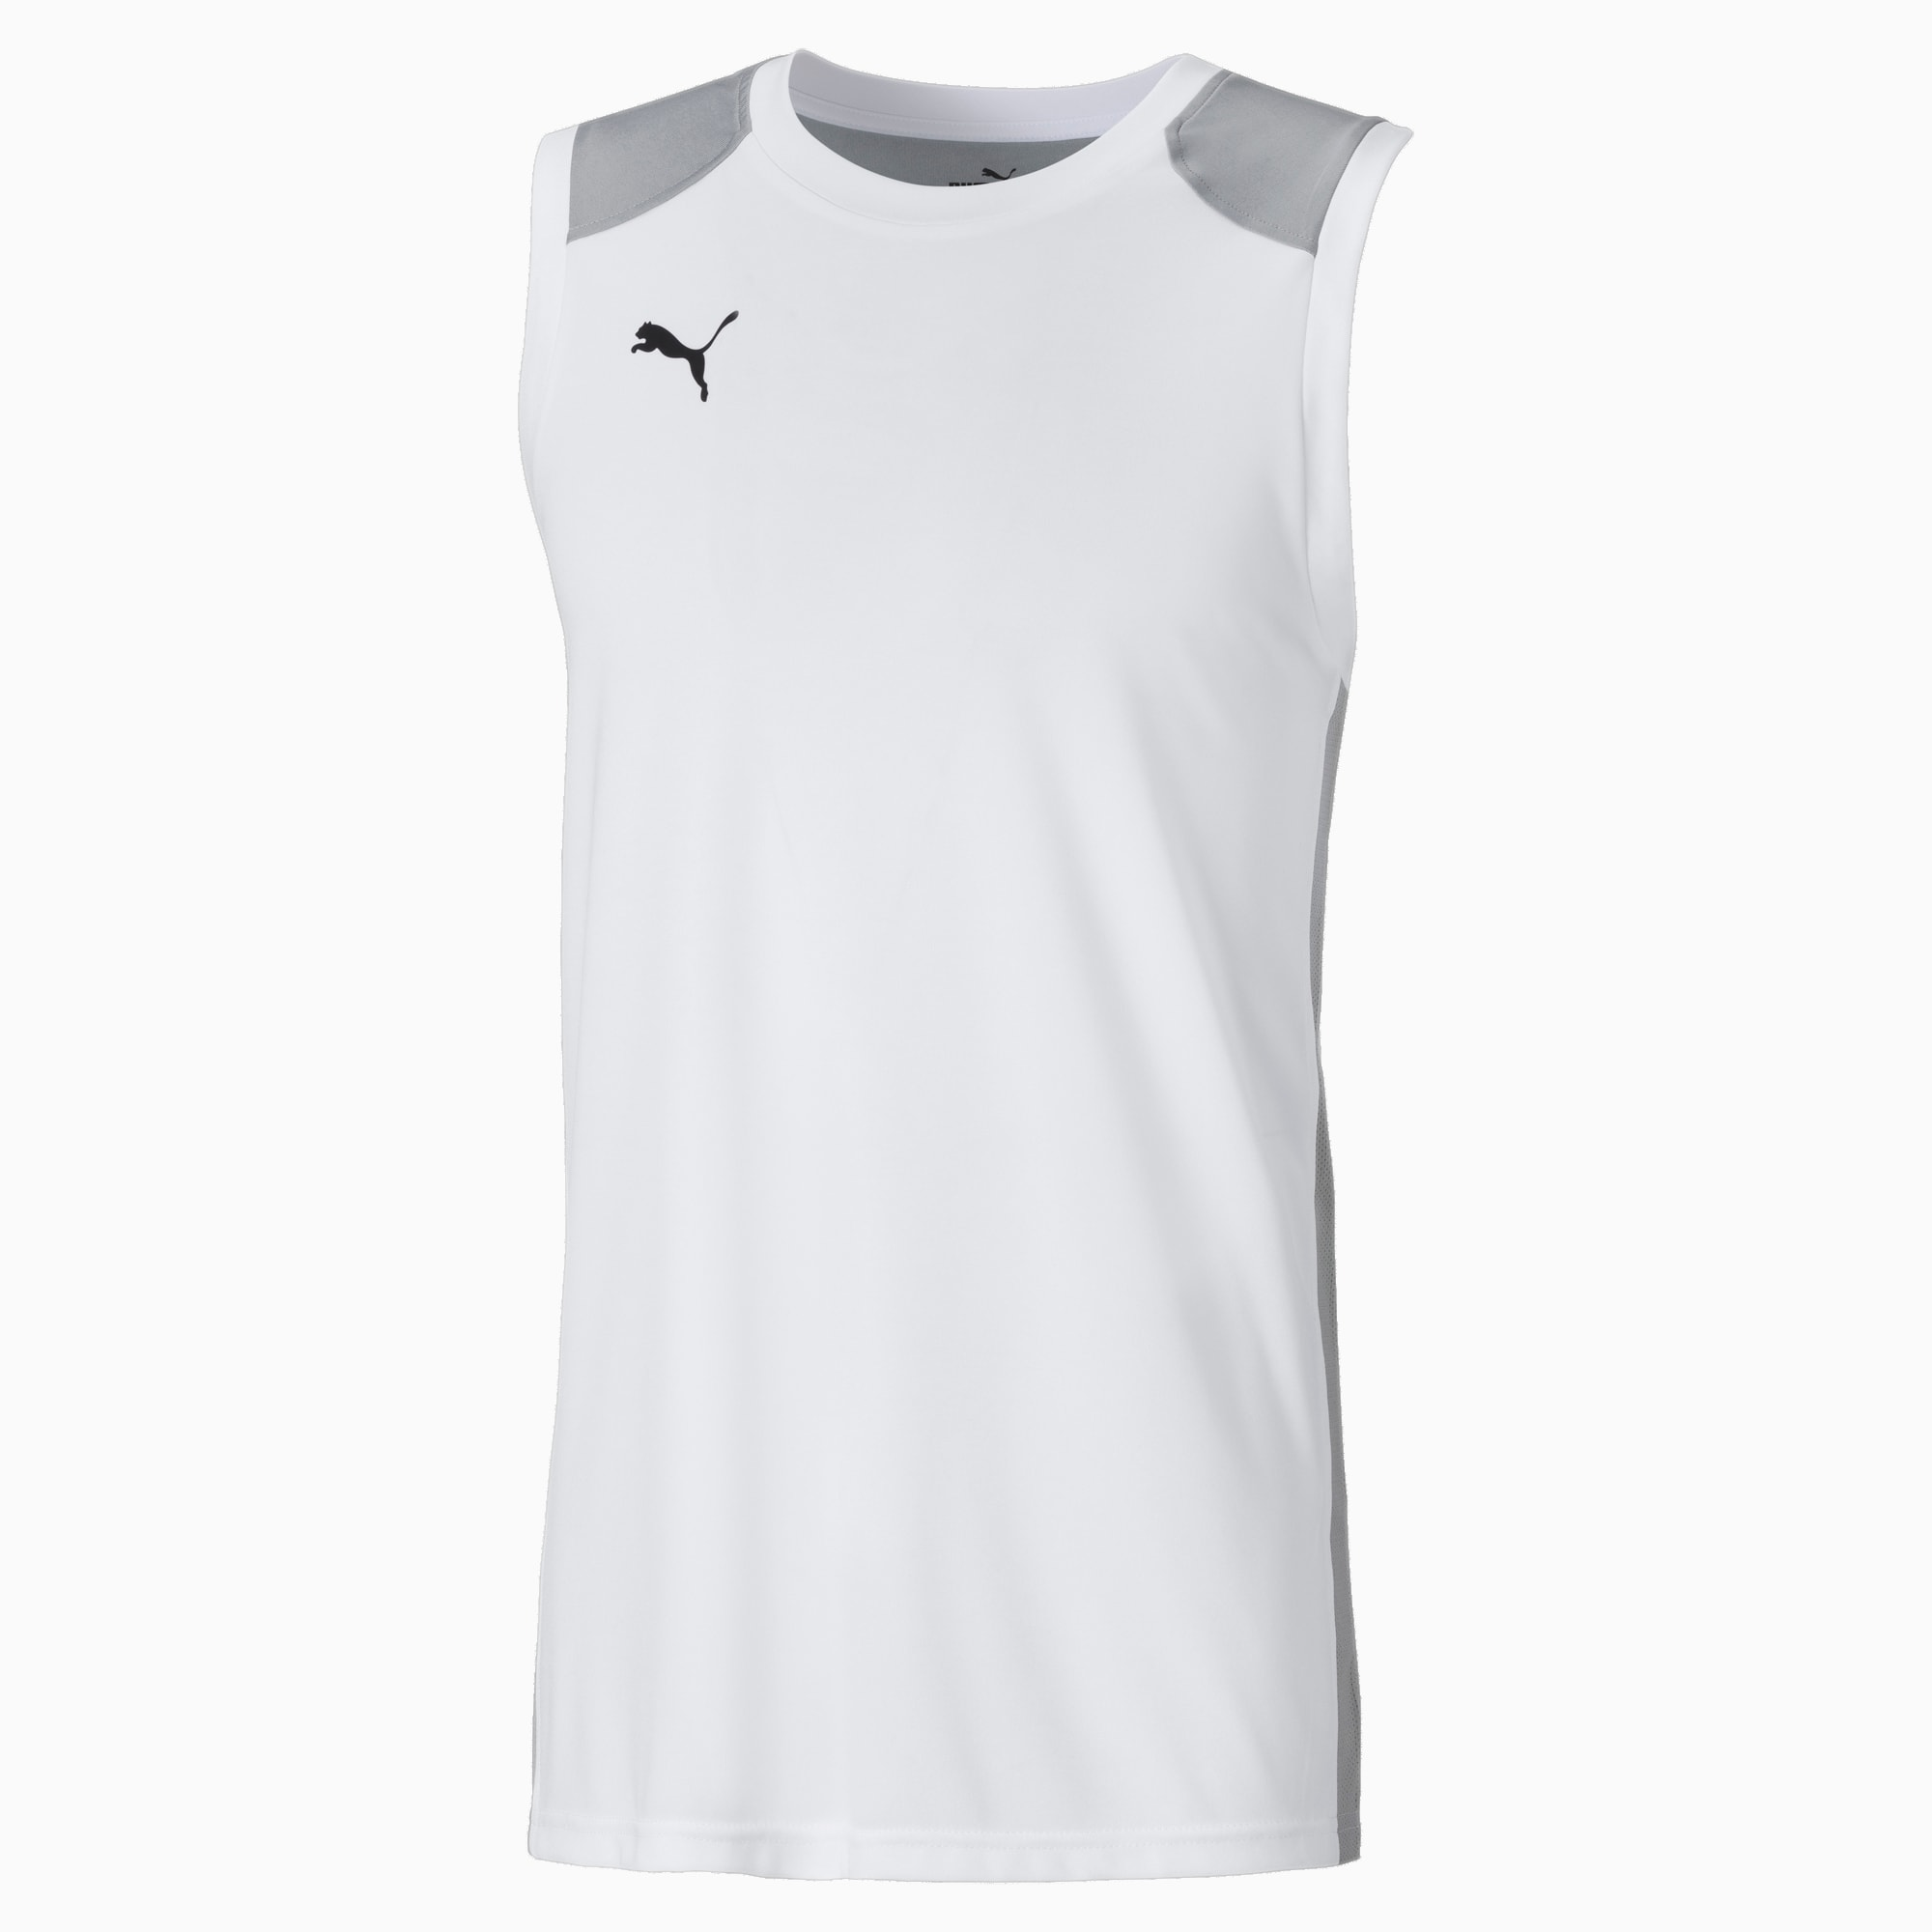 PUMA Herren Basketball Trikot   Mit Aucun   Weiß/Grau   Größe: XXL